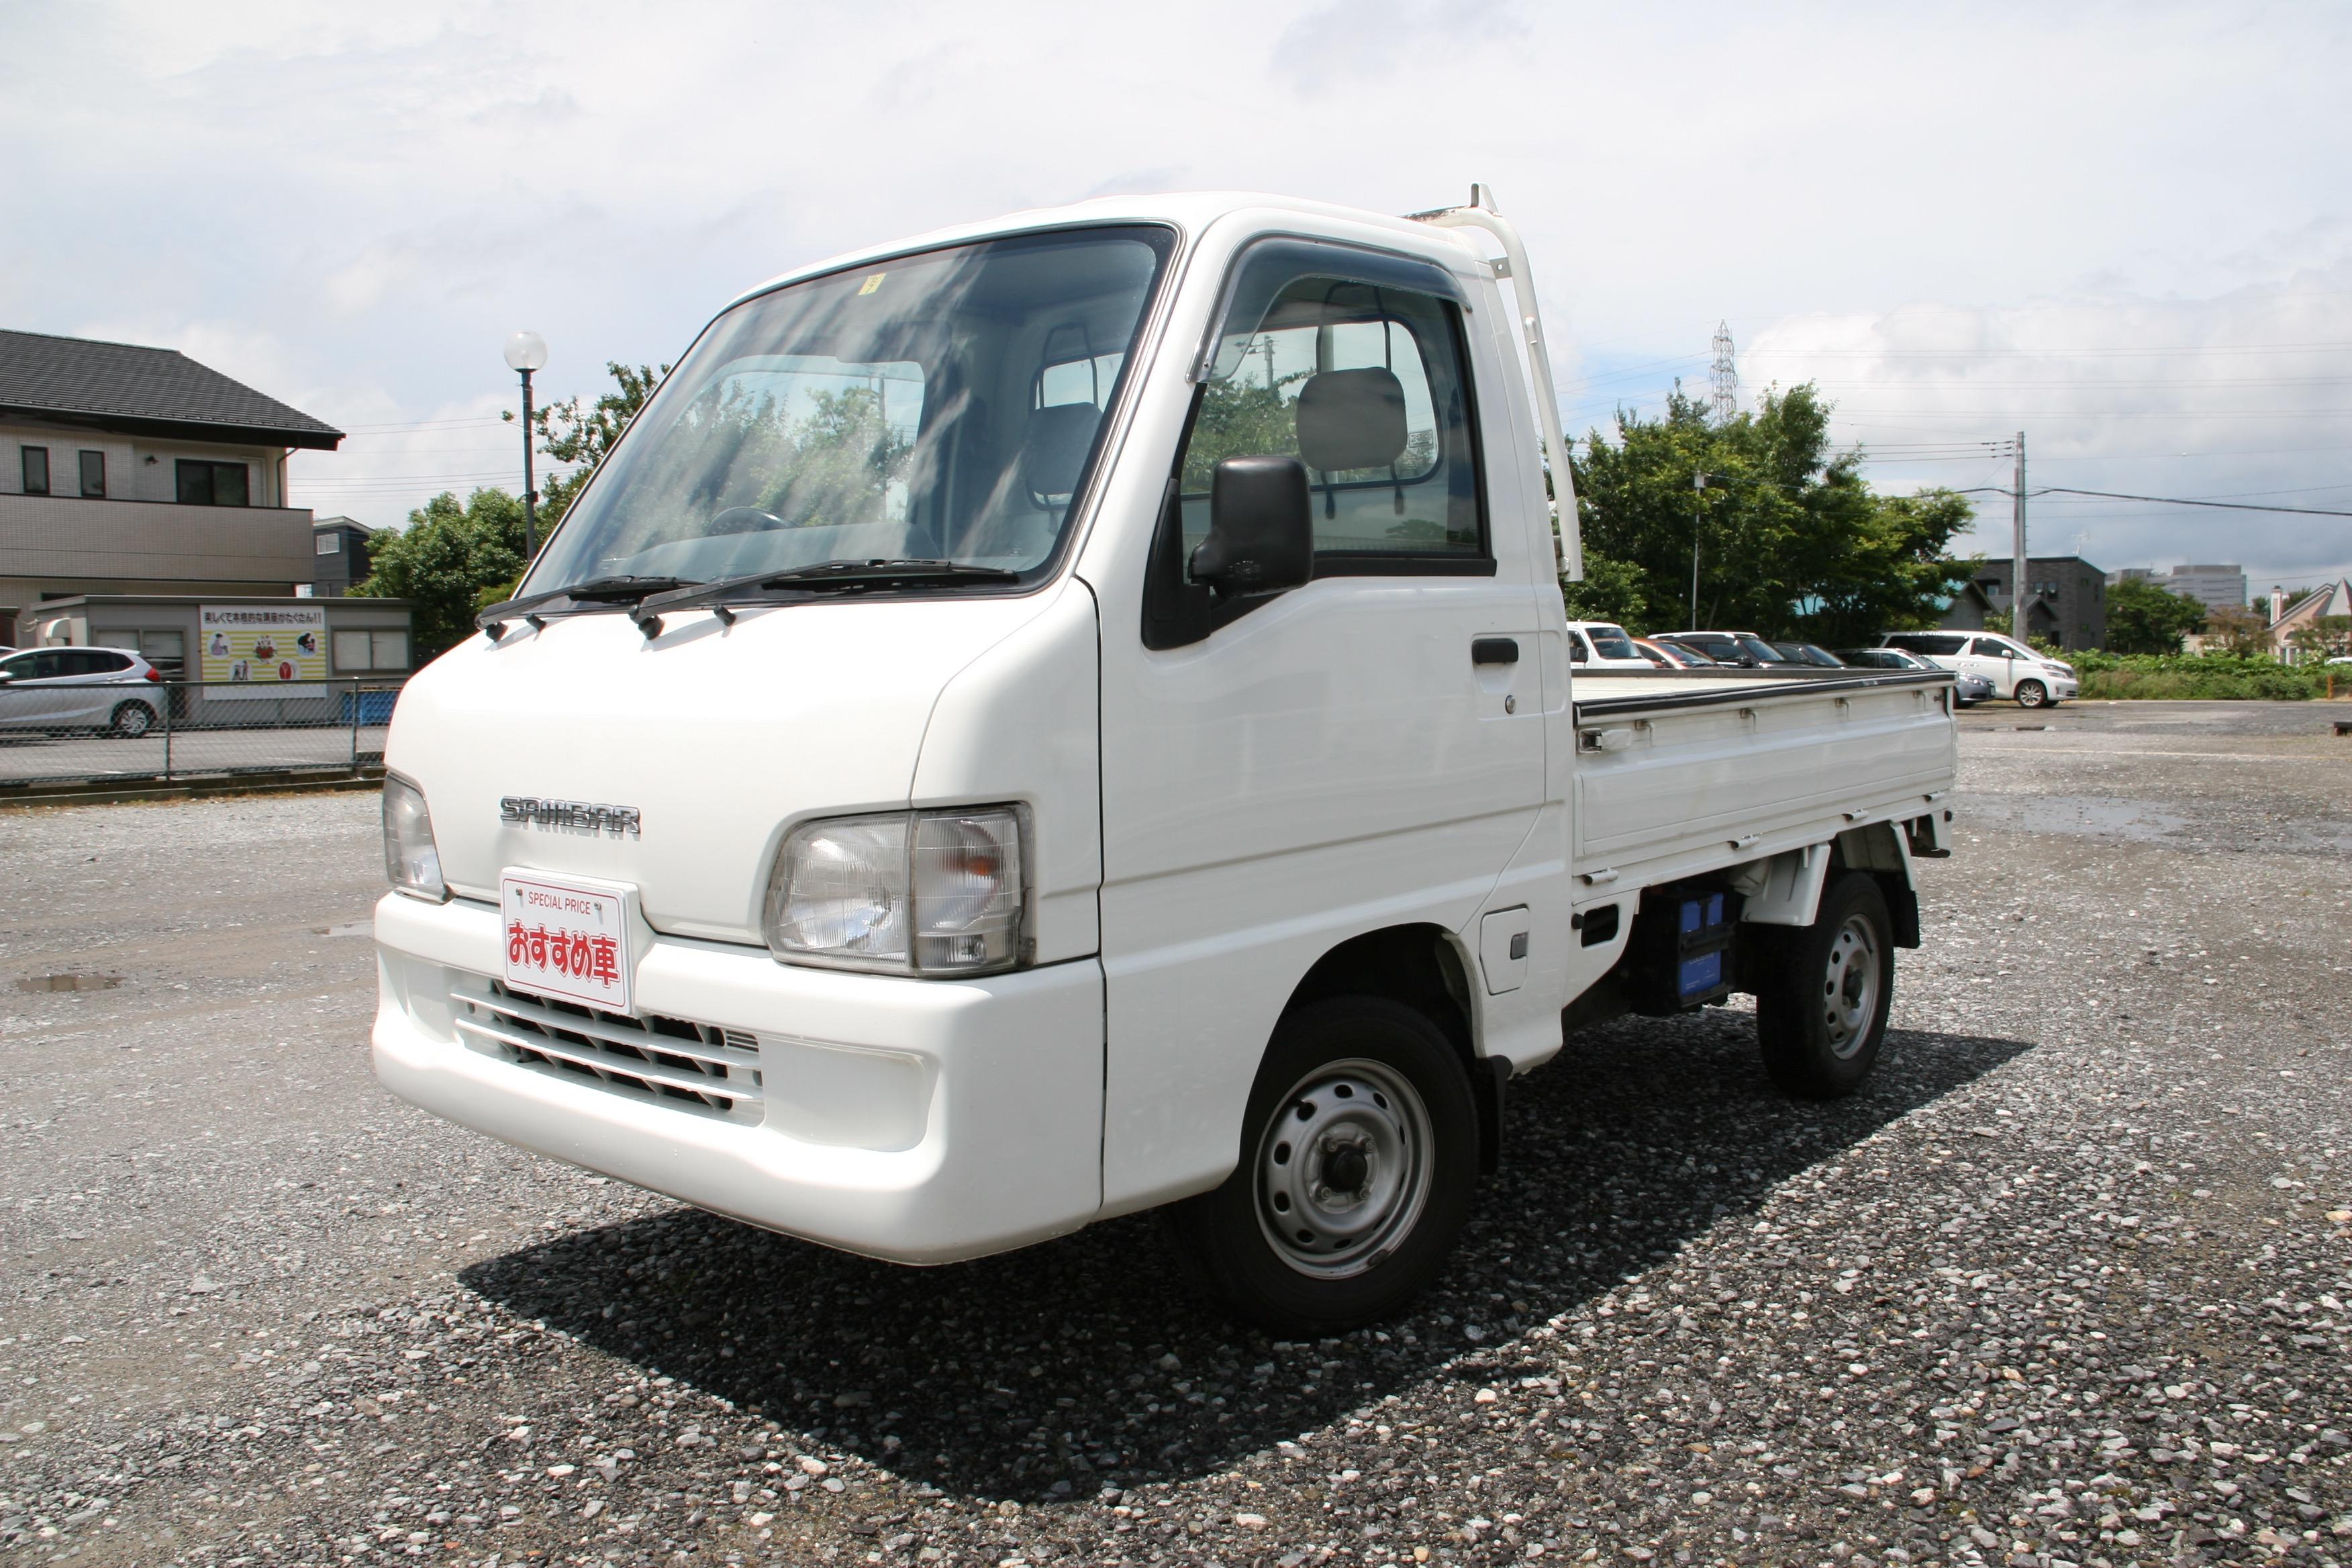 スバル サンバートラック4WD  税込36万8千円